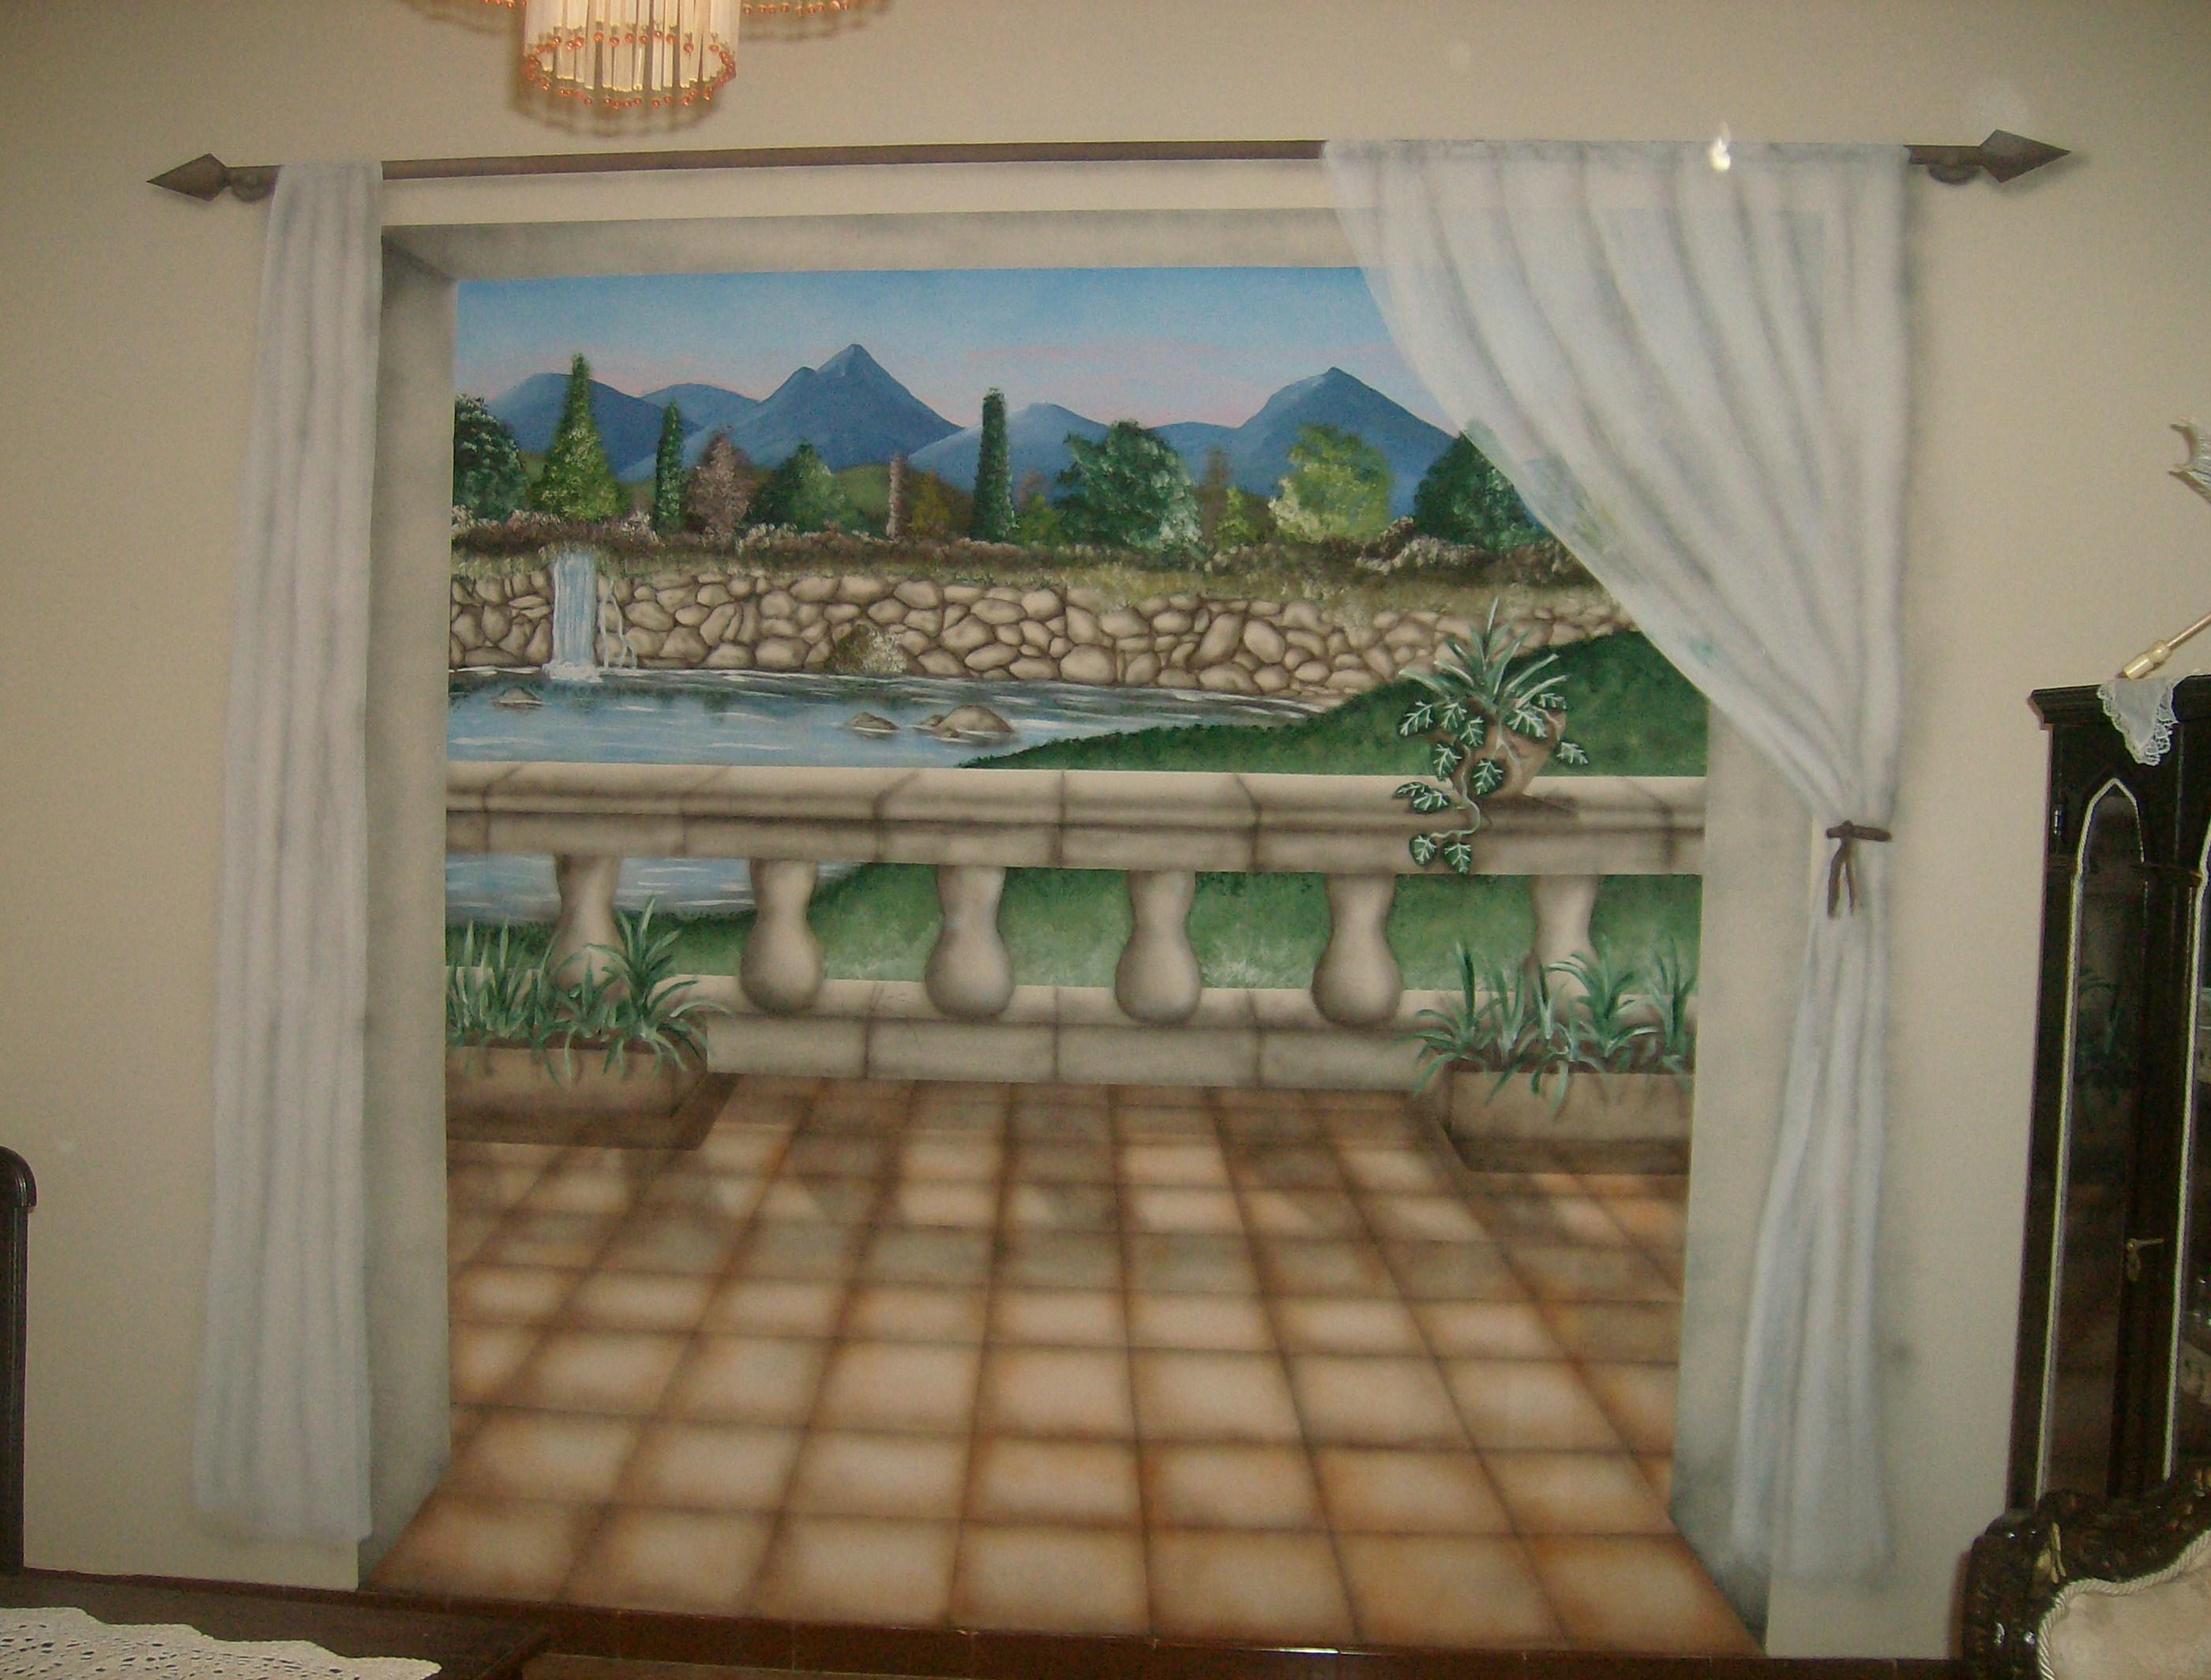 Pittura Stucco Veneziano Foto trompe l'oeil terrazzo con tenda 001 trompe l'oeil lugano